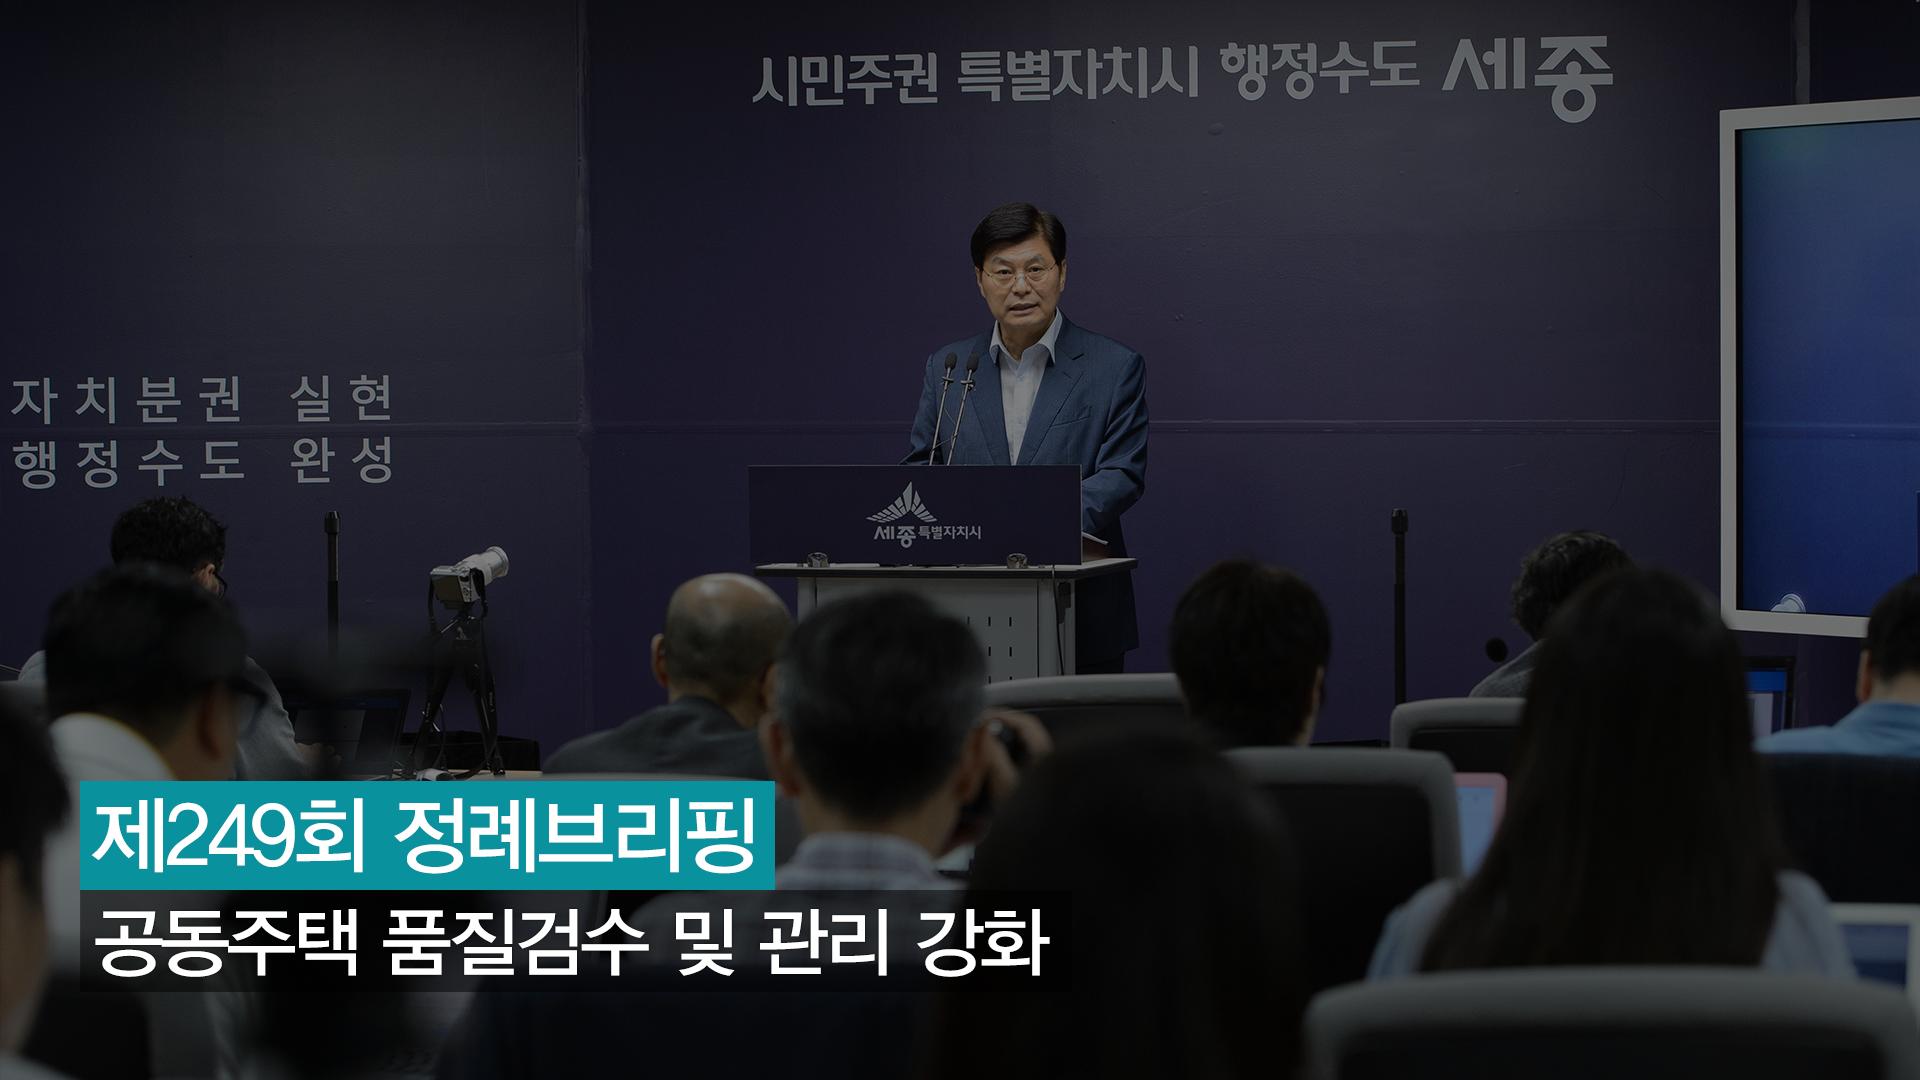 <249번째 정례브리핑> 공동주택 품질검수 및 관리강화